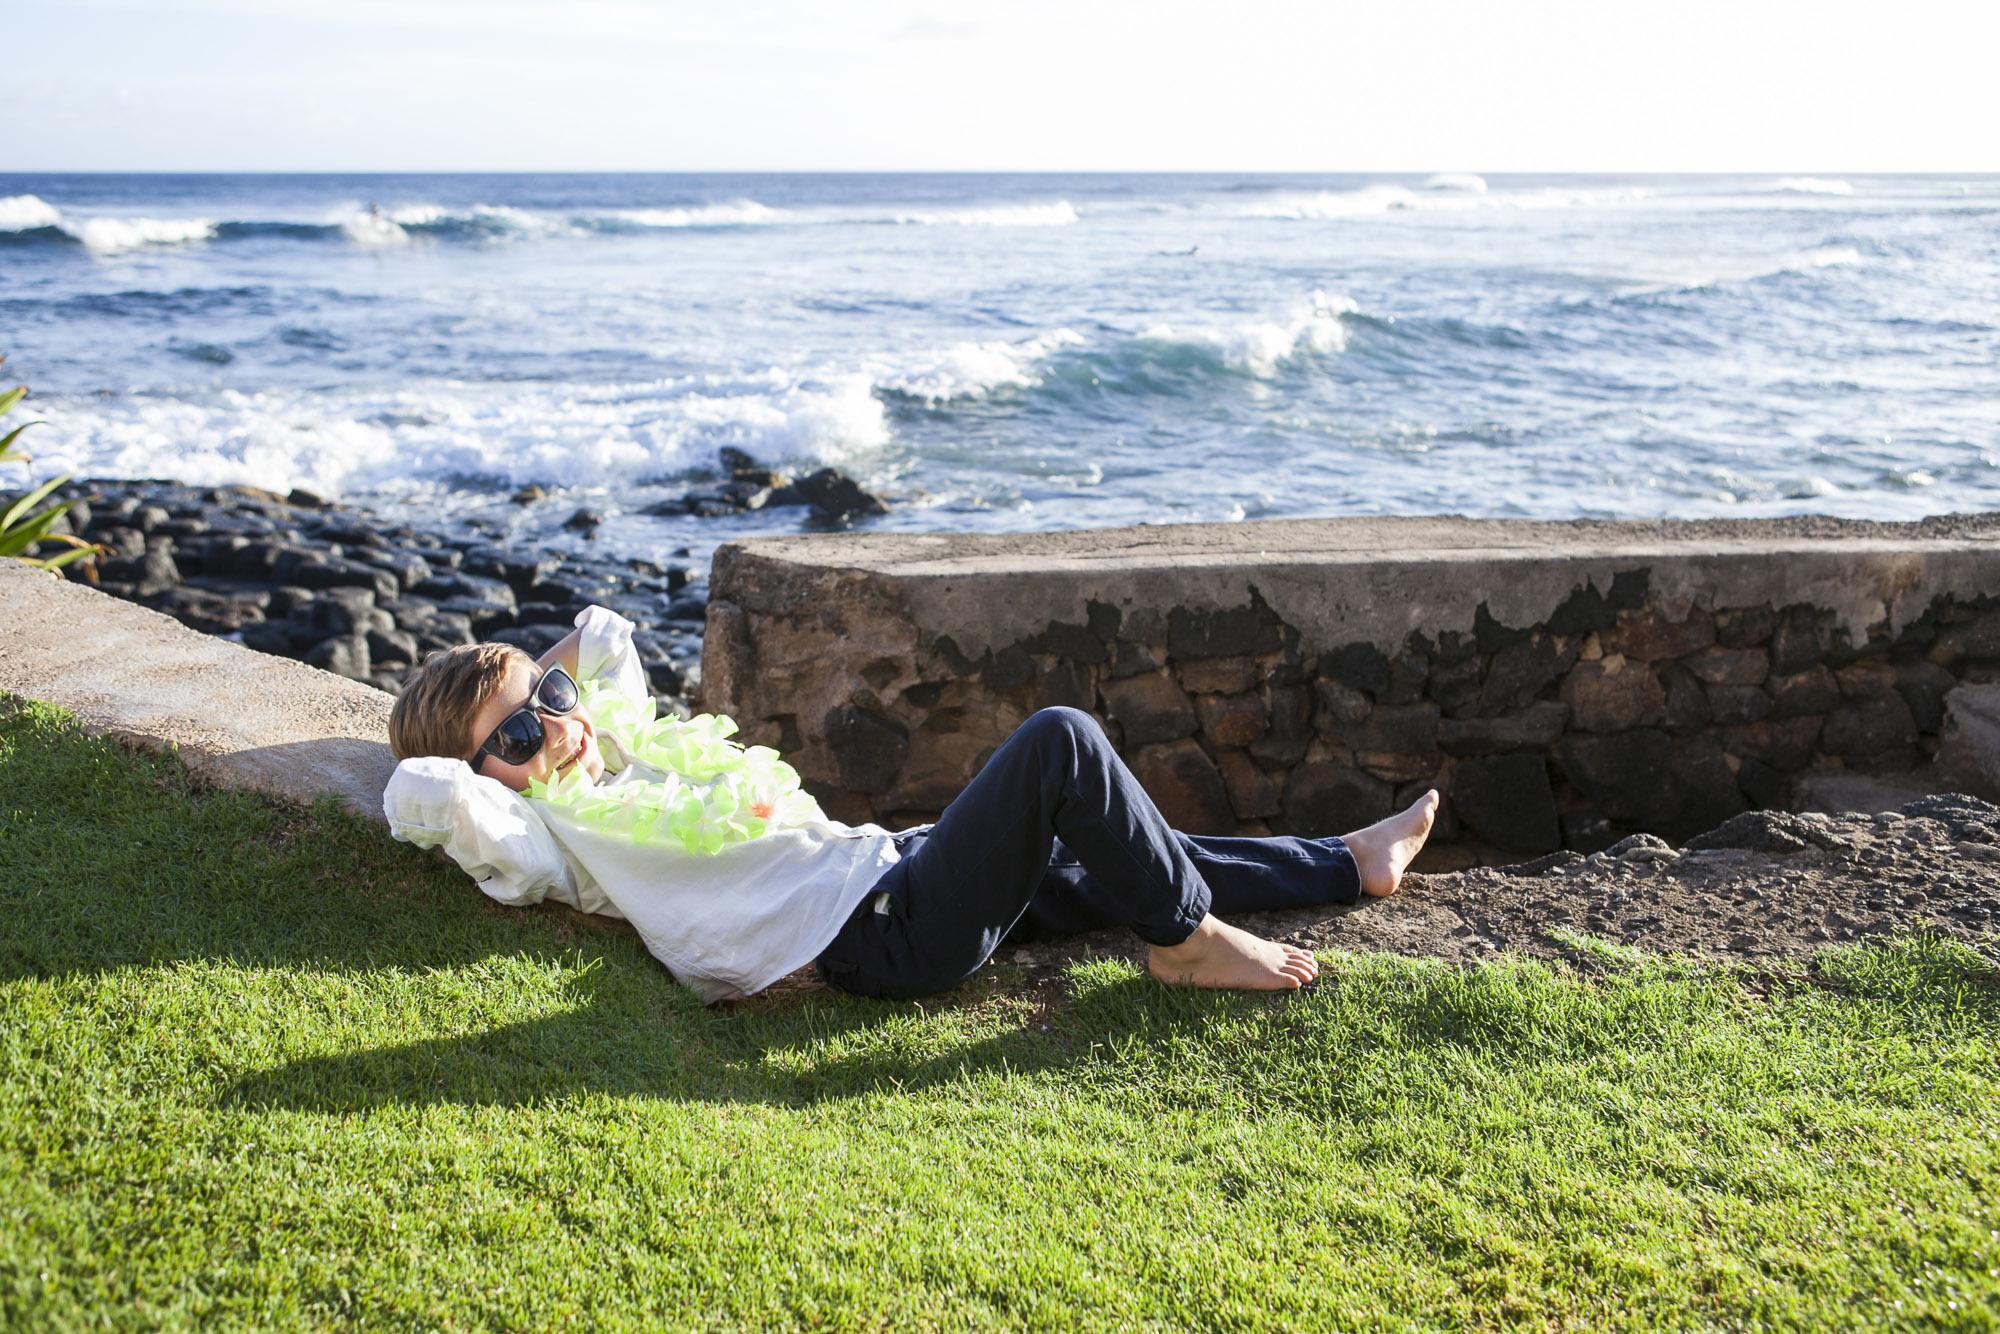 032_Laid_Back_Hawaiian_Beach_Wedding.jpg